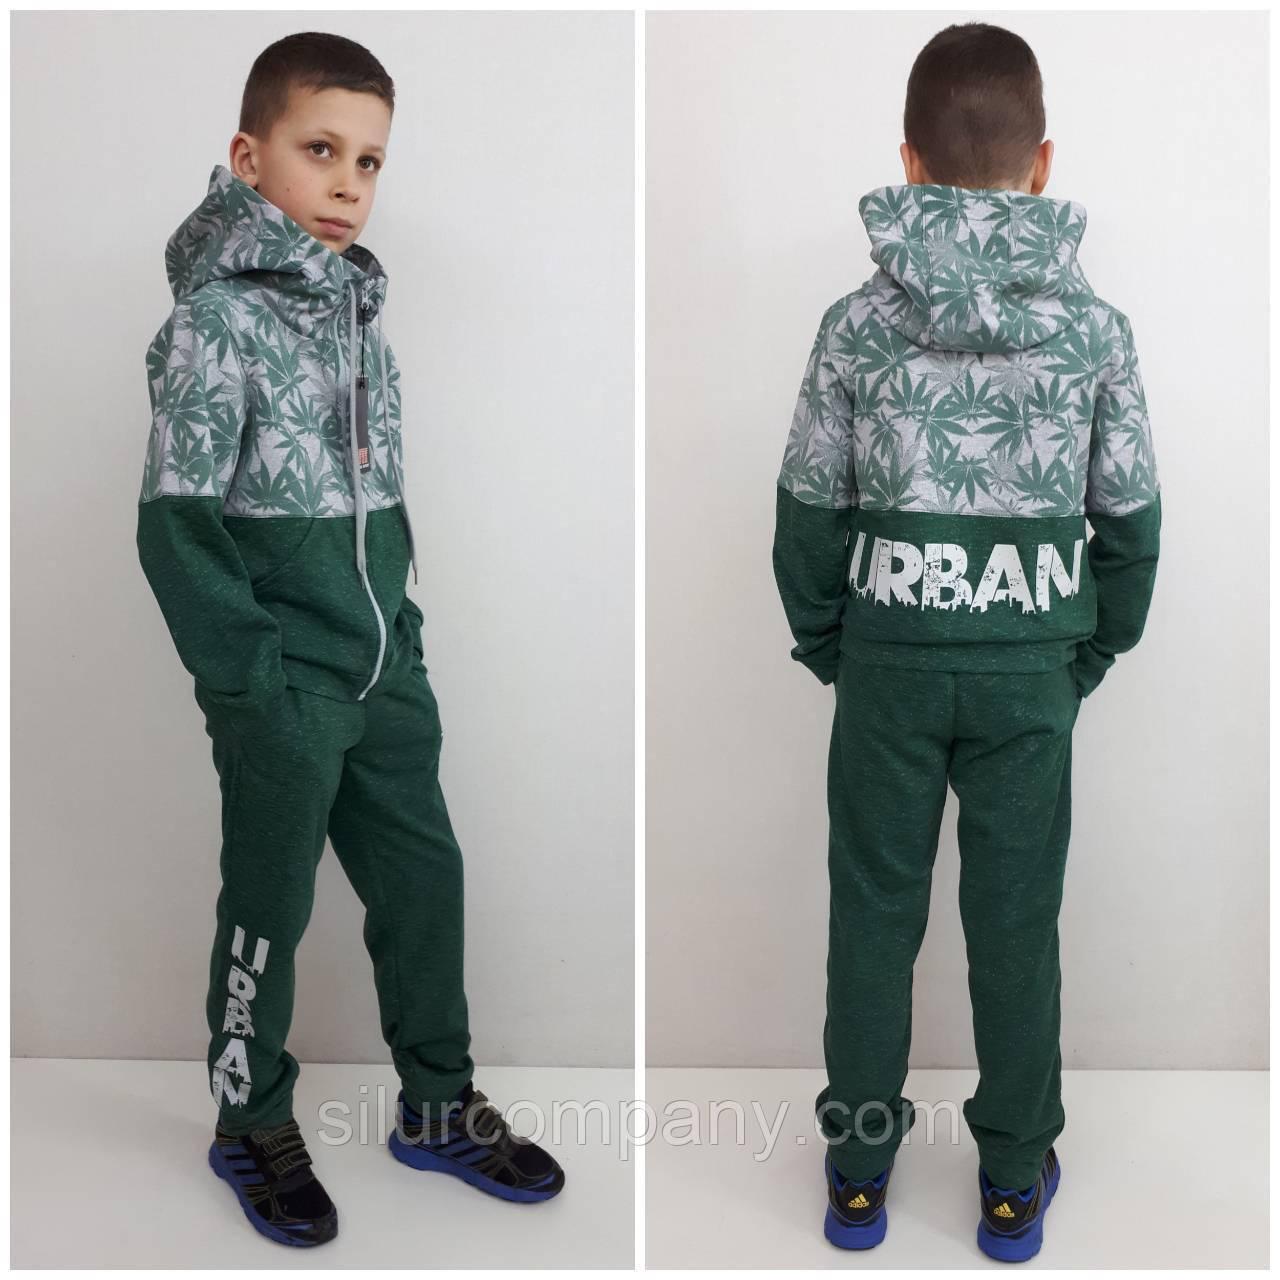 6e47aea94d94c5 Зеленый спортивный костюм для подростка | Стильный красивый костюм для  мальчика , фото 1